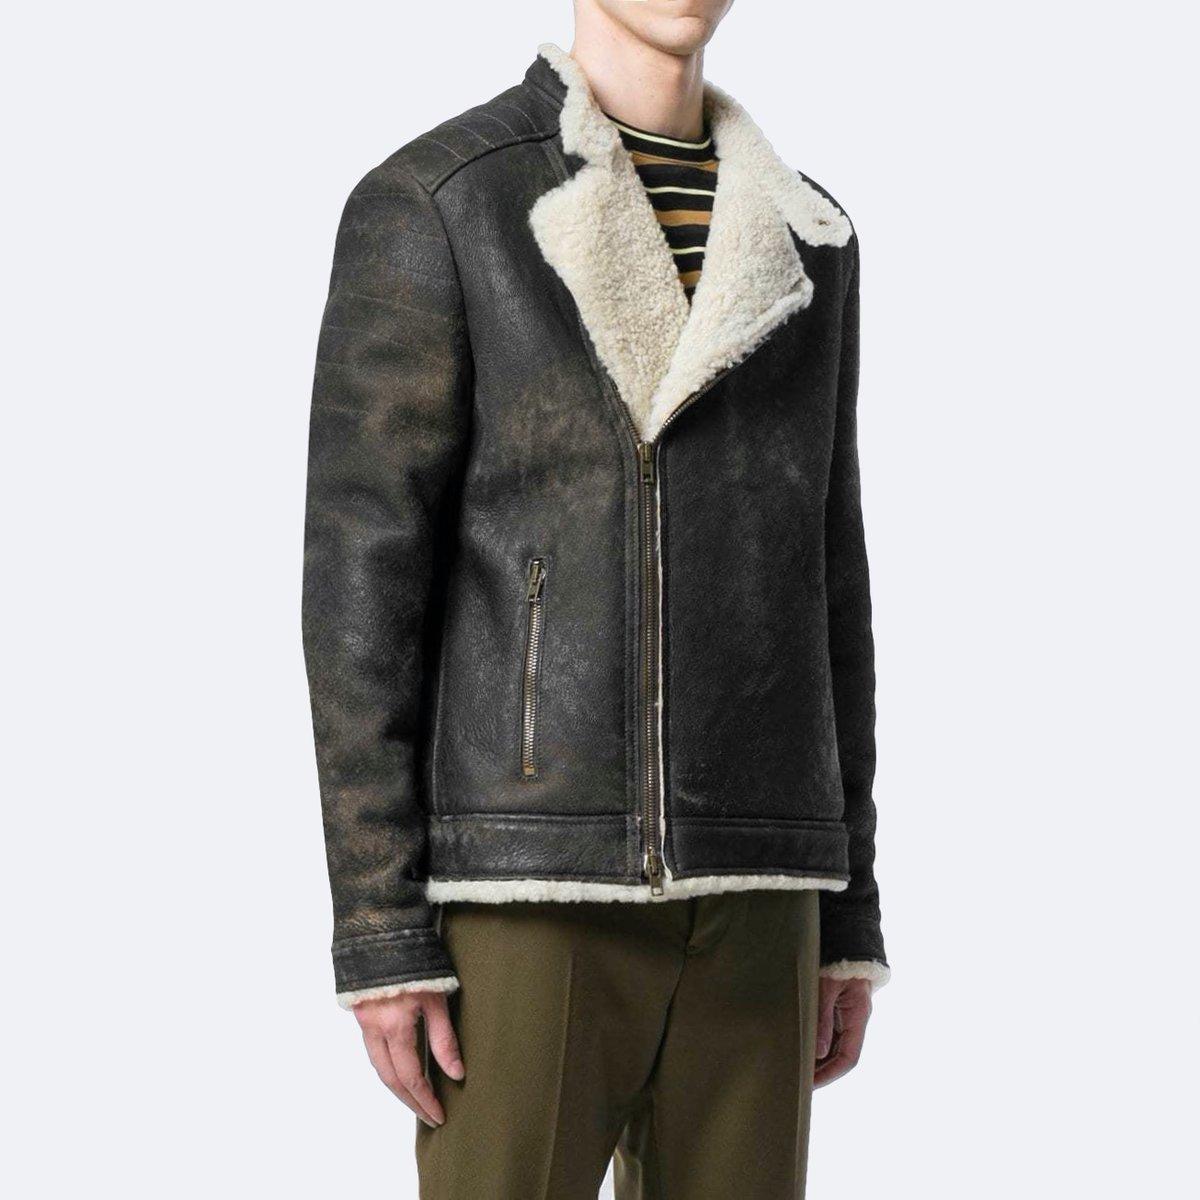 shearling-fitted-coat-7102131-original.jpg